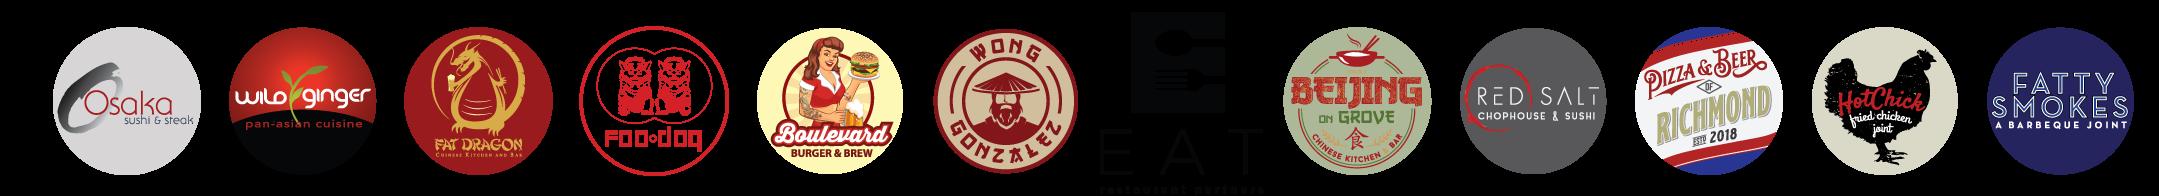 logos_EAT11H.png